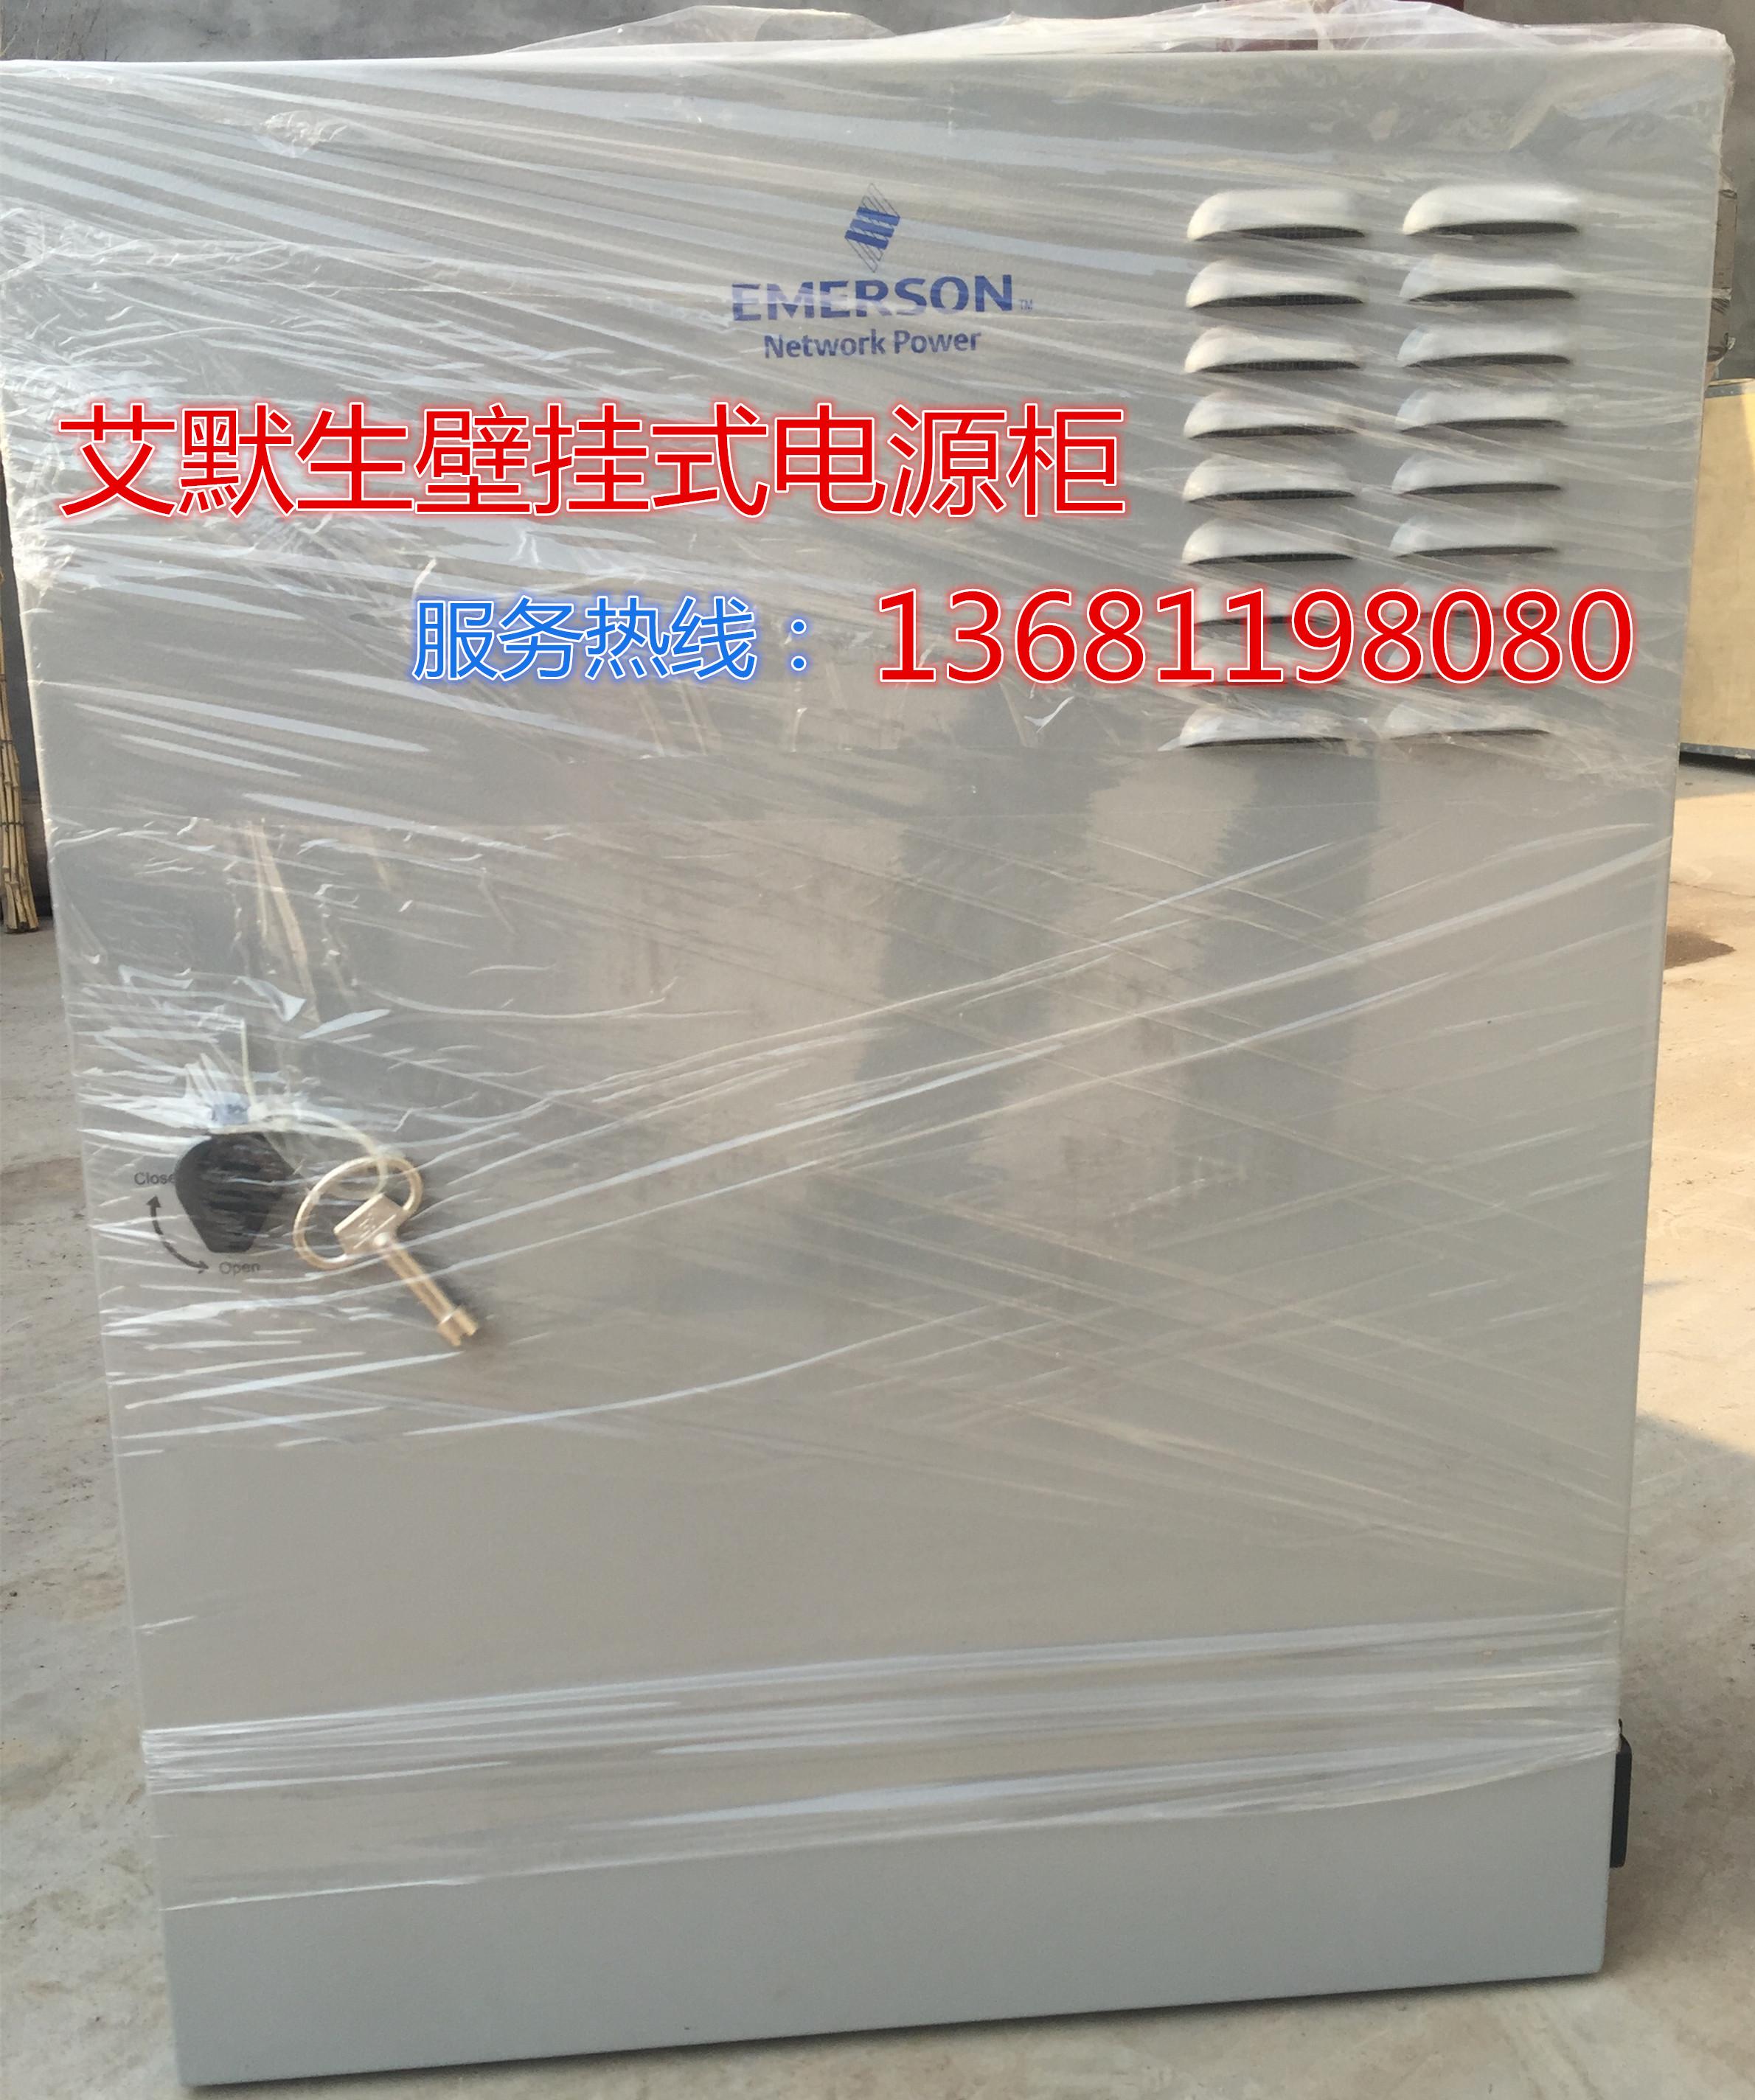 新しいエマーソン・EPC4860 / 1800-FA2壁掛け式電源櫃エマーソン・48V60A電源キャビネット